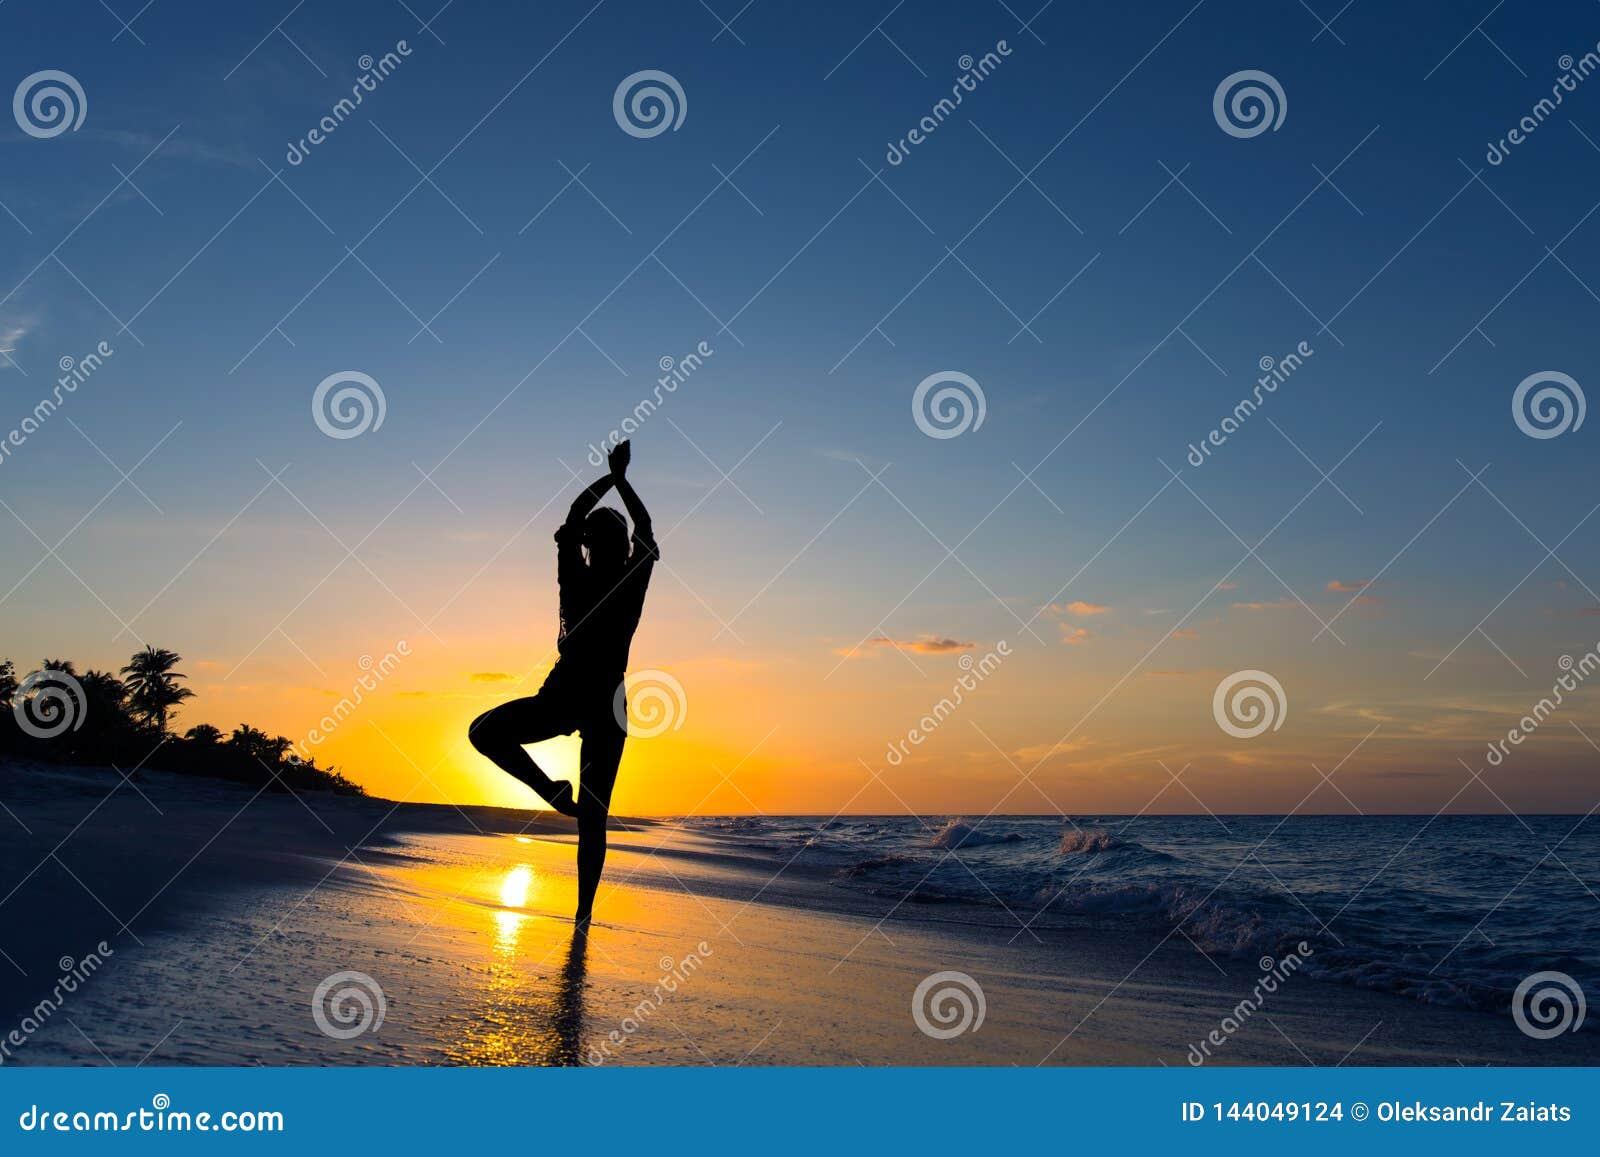 Το δέντρο vrikshasana γιόγκας θέτει από τη γυναίκα στη σκιαγραφία στην παραλία με το υπόβαθρο ουρανού ηλιοβασιλέματος Ελεύθερου χ